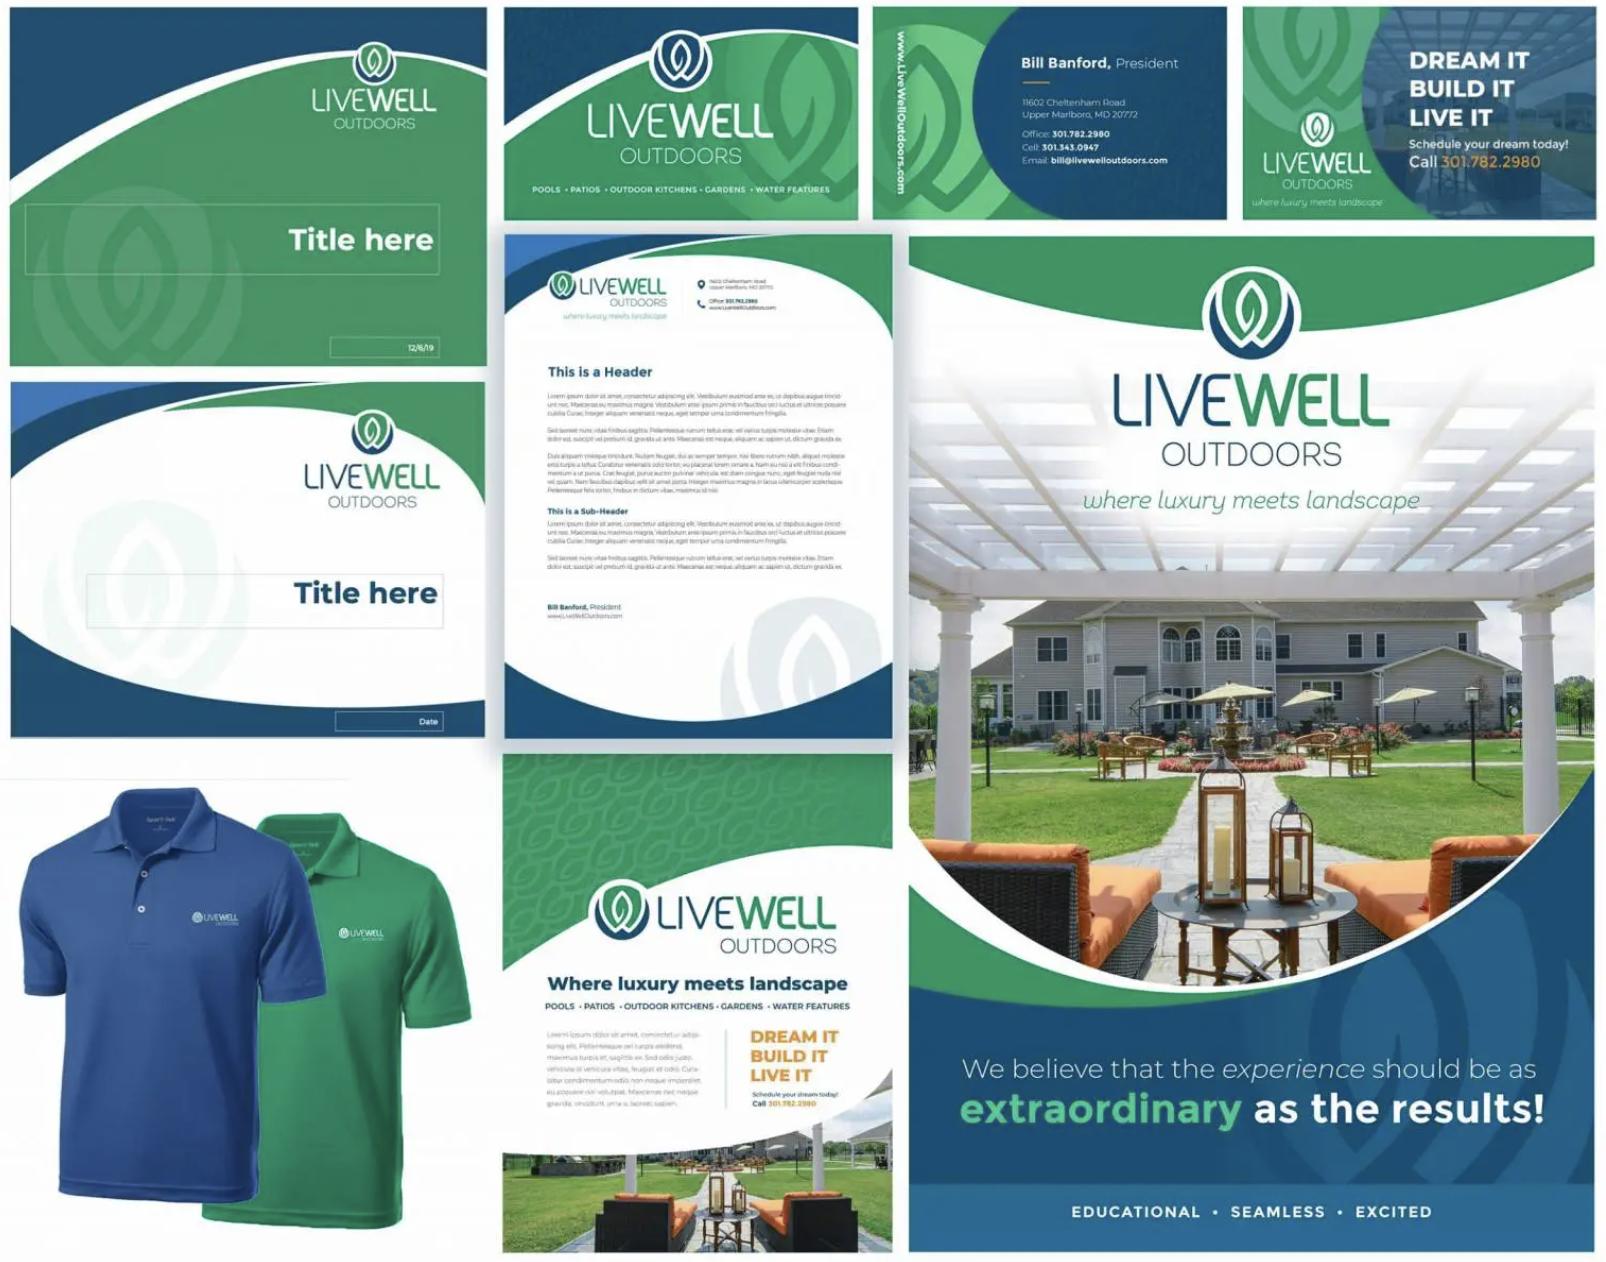 Meet LiveWell Outdoors